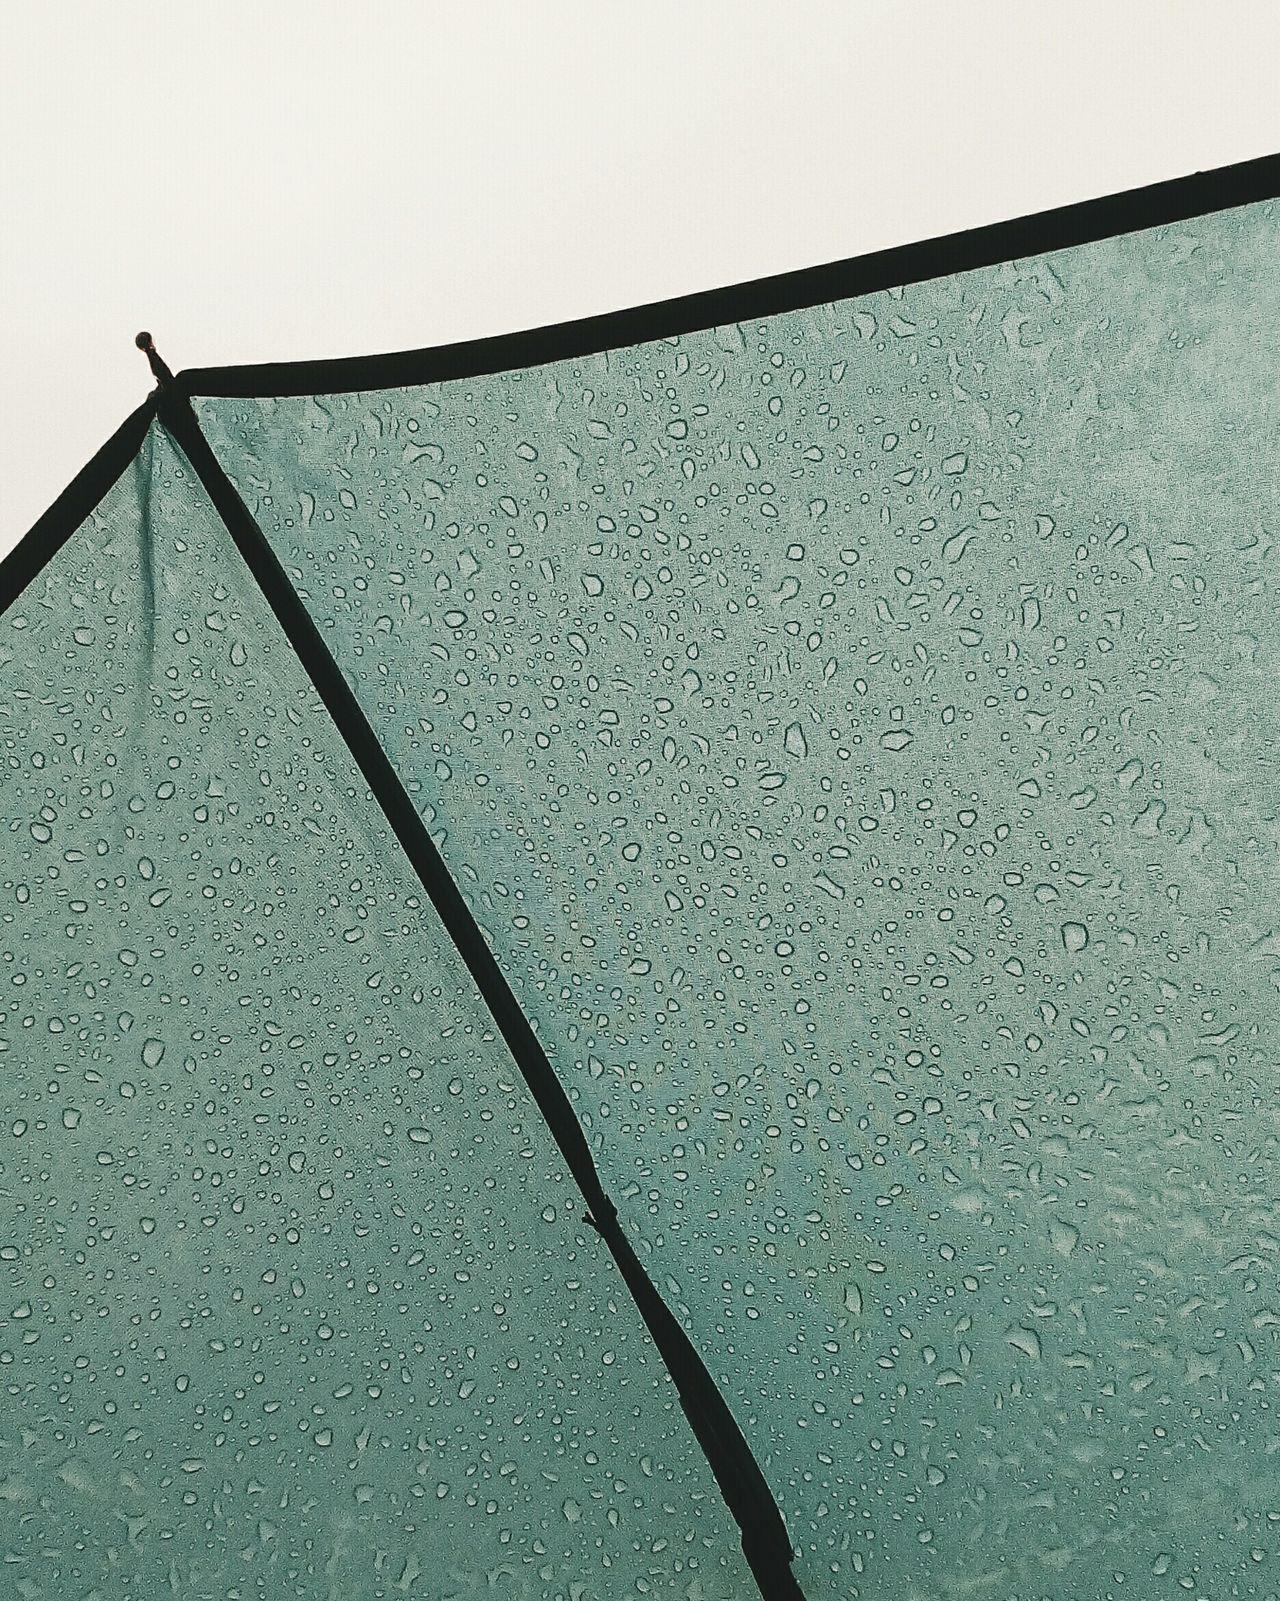 Rain Rainy Day Rain Drops Drops Unbrella Green VSCO Vscocam Low Angle View Outdoors Taipei City Taiwan Taipei,Taiwan City Citywalks POTD